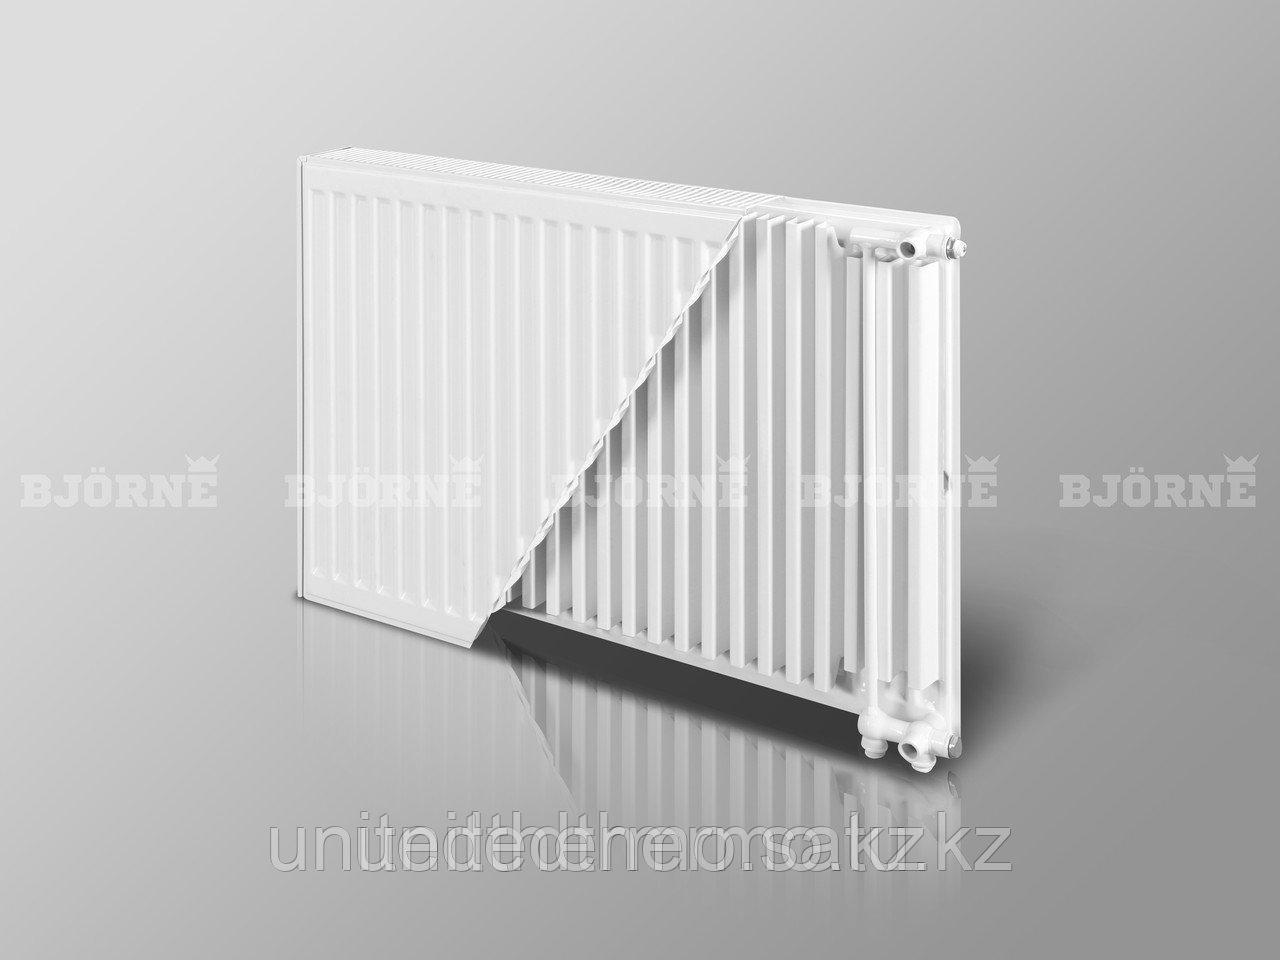 Стальной панельный радиатор Bjorne тип 22VK  H300мм*L700мм нижнее подключение